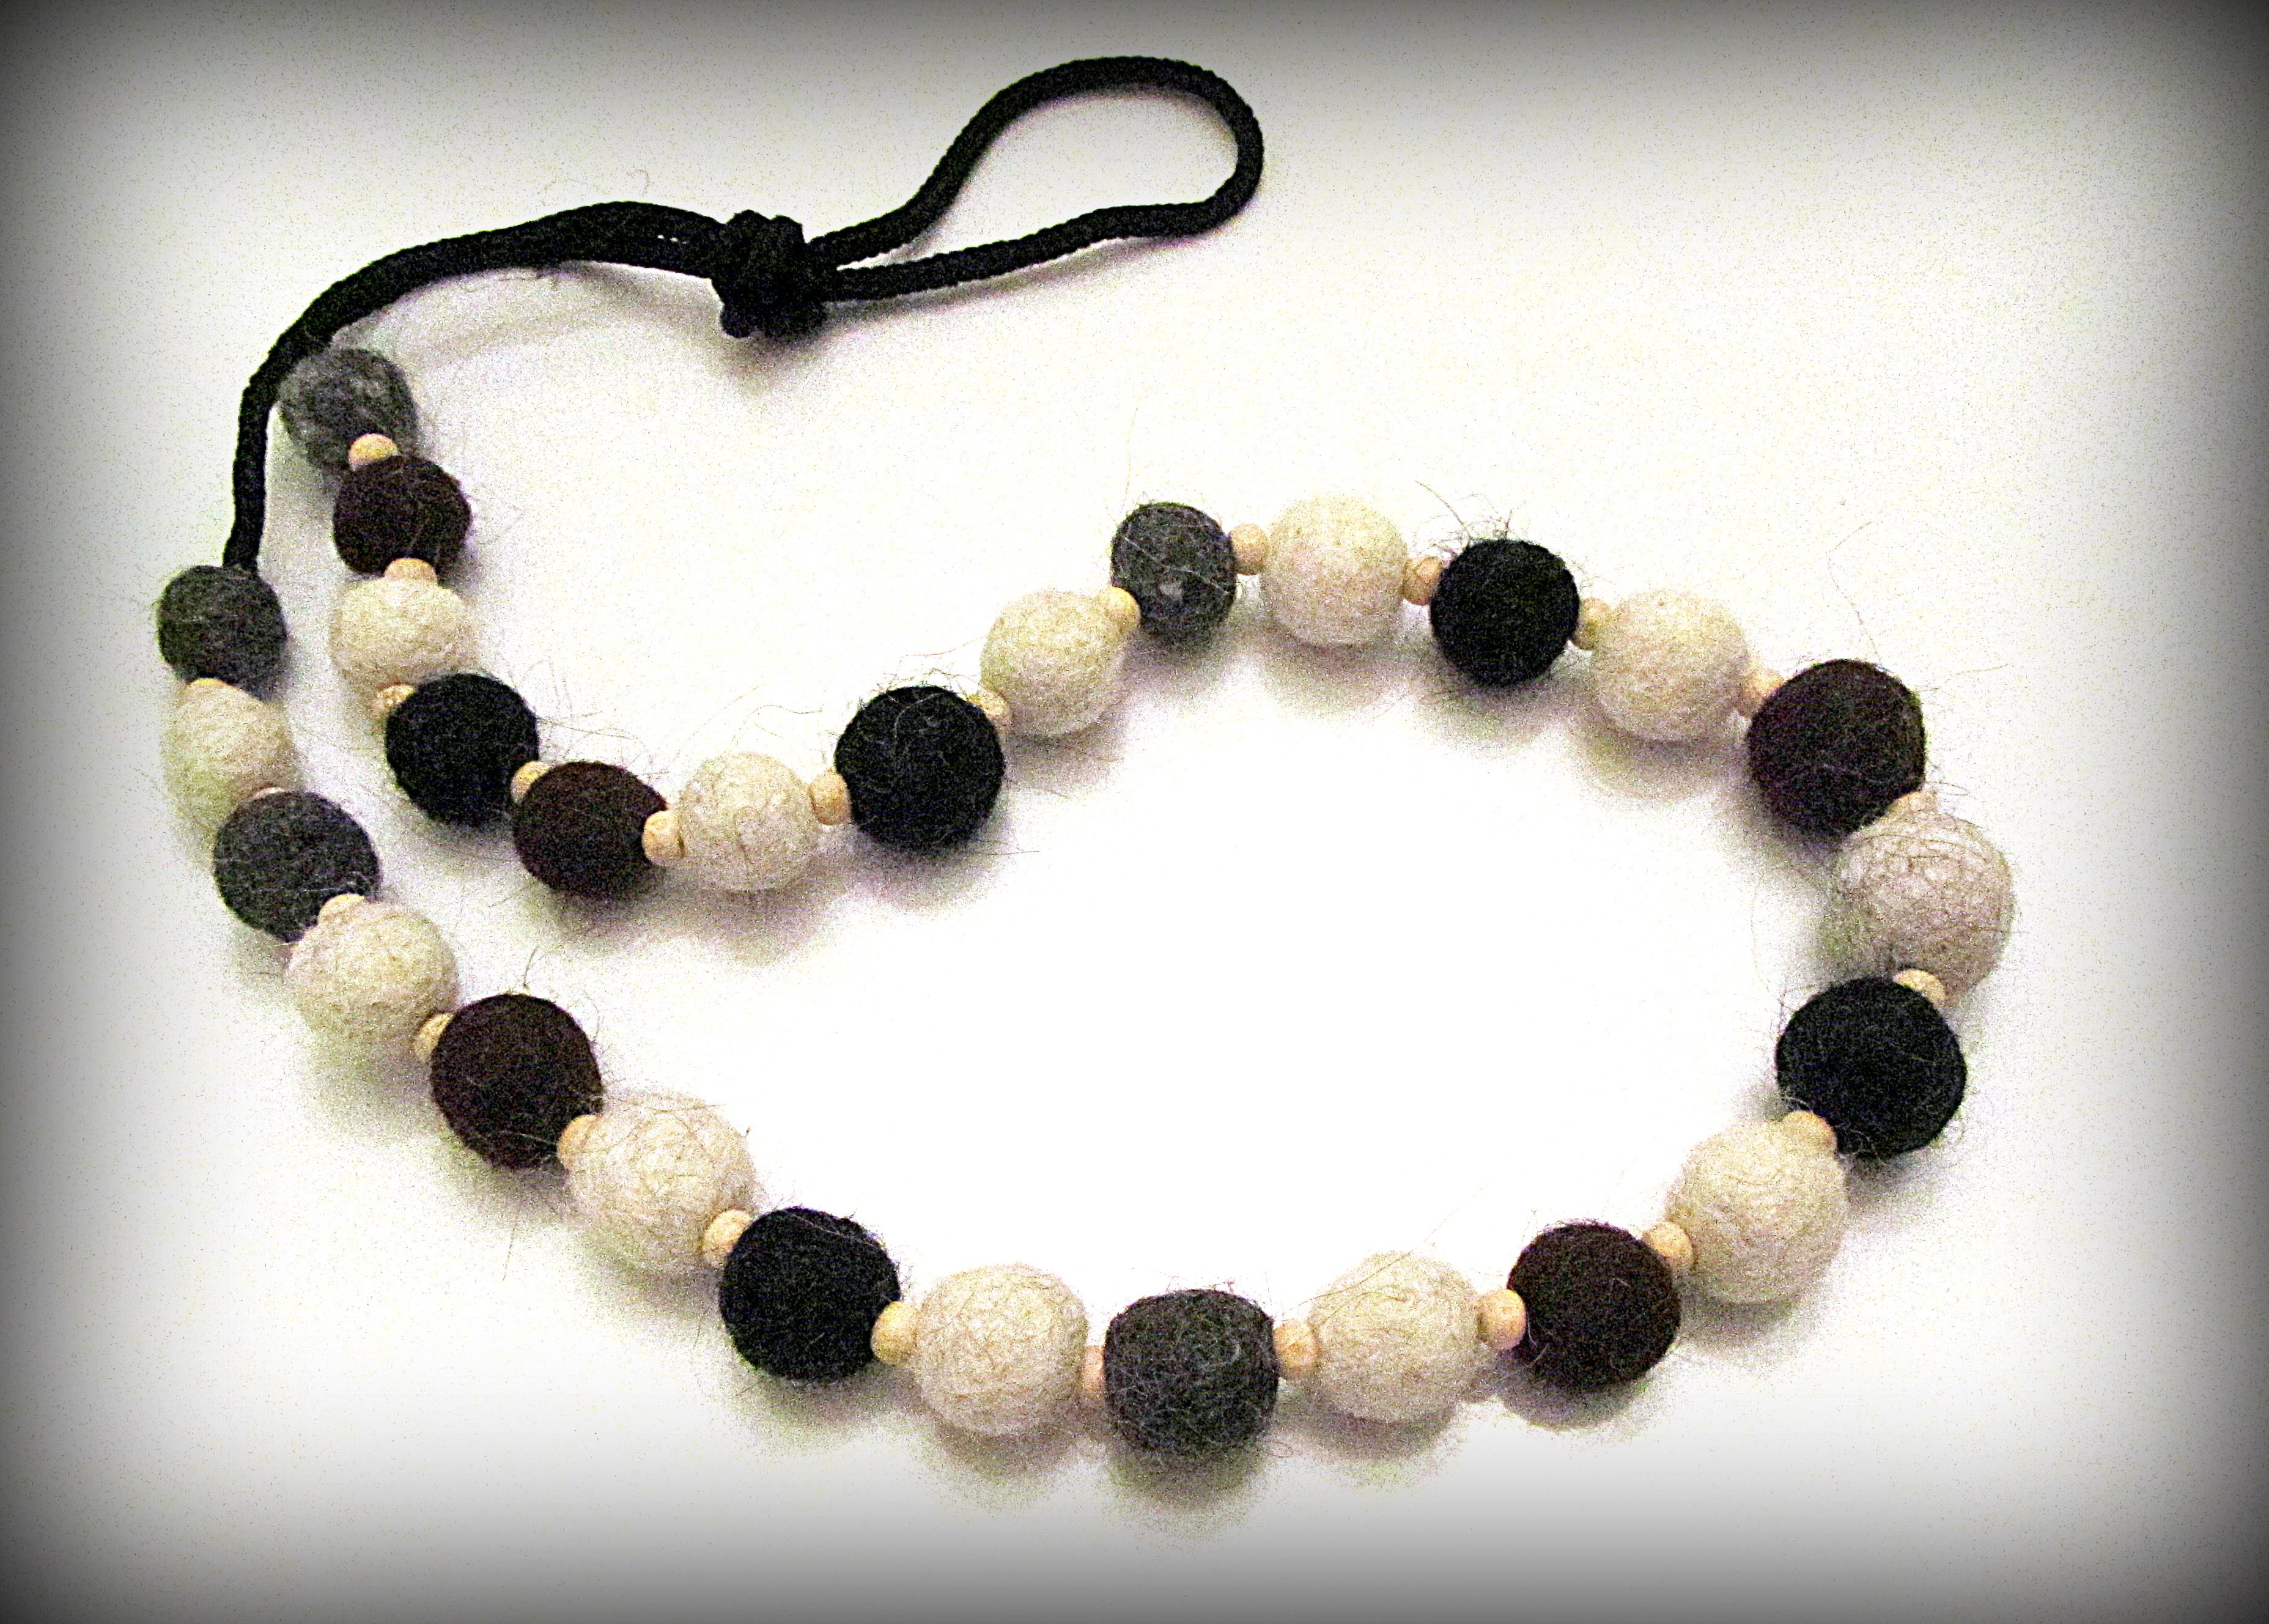 Necklace made of alpaca fiber beads